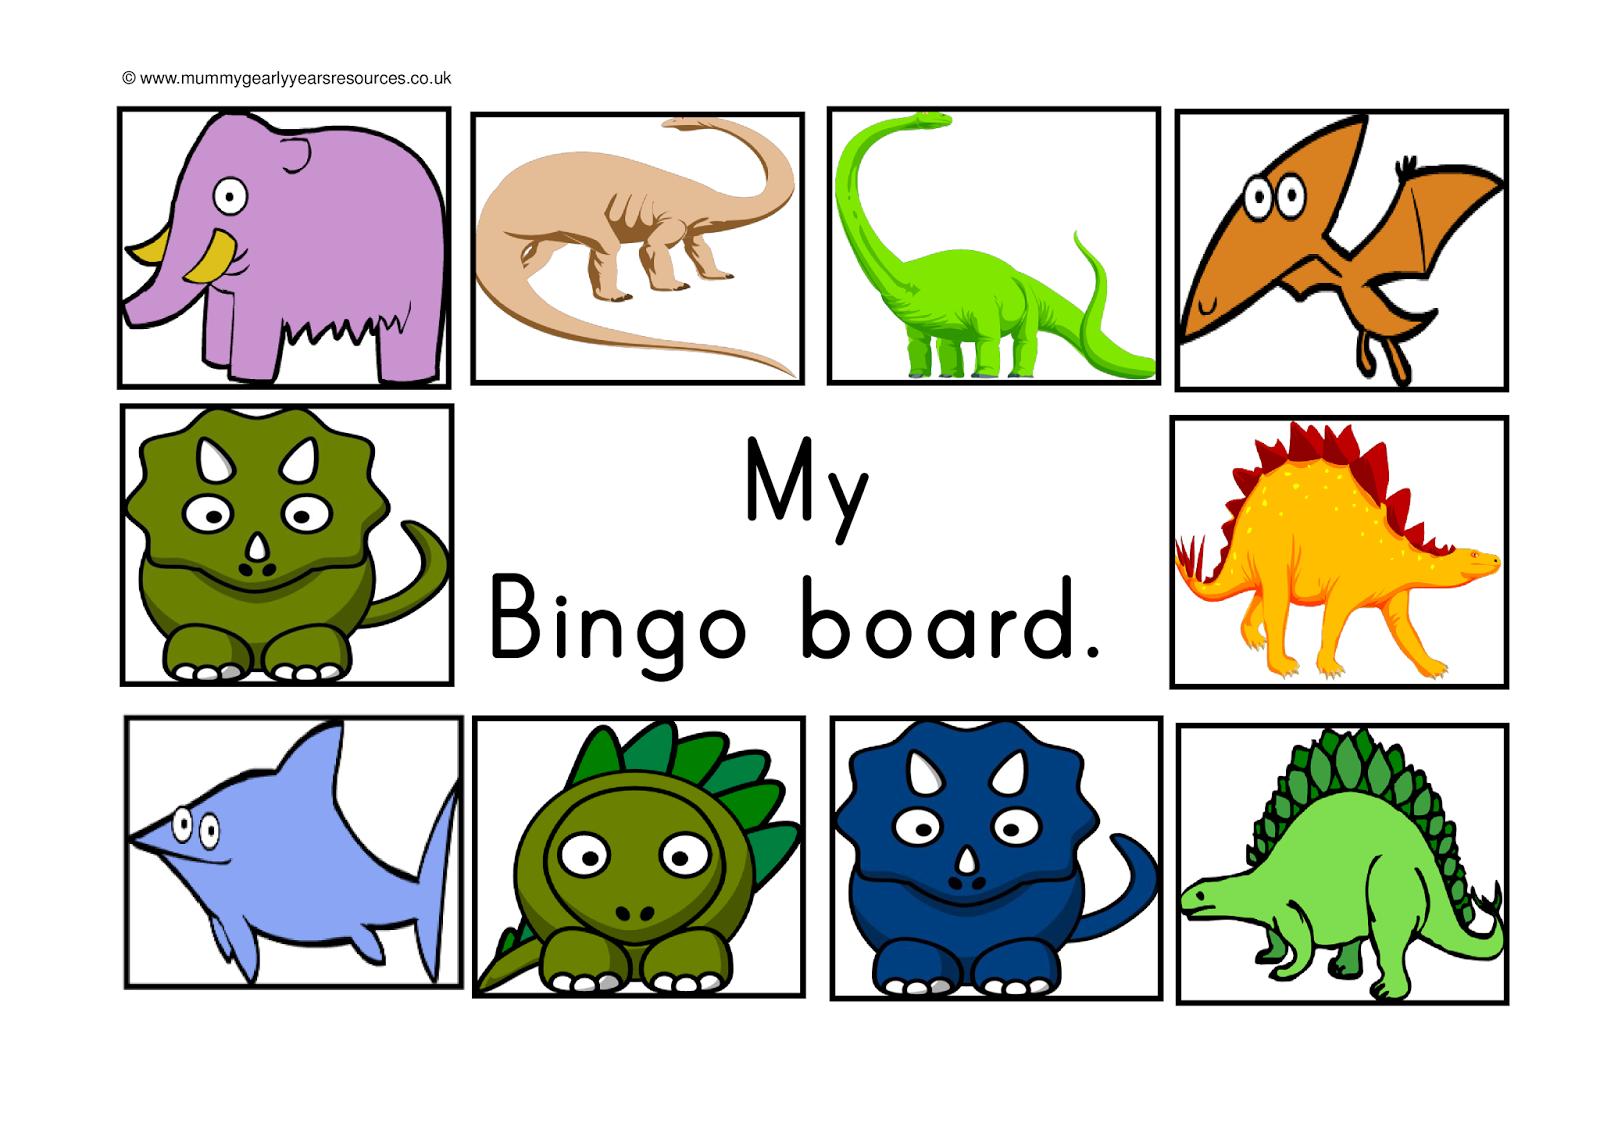 Mummy G Early Years Resources Dinosaur Bingo Game